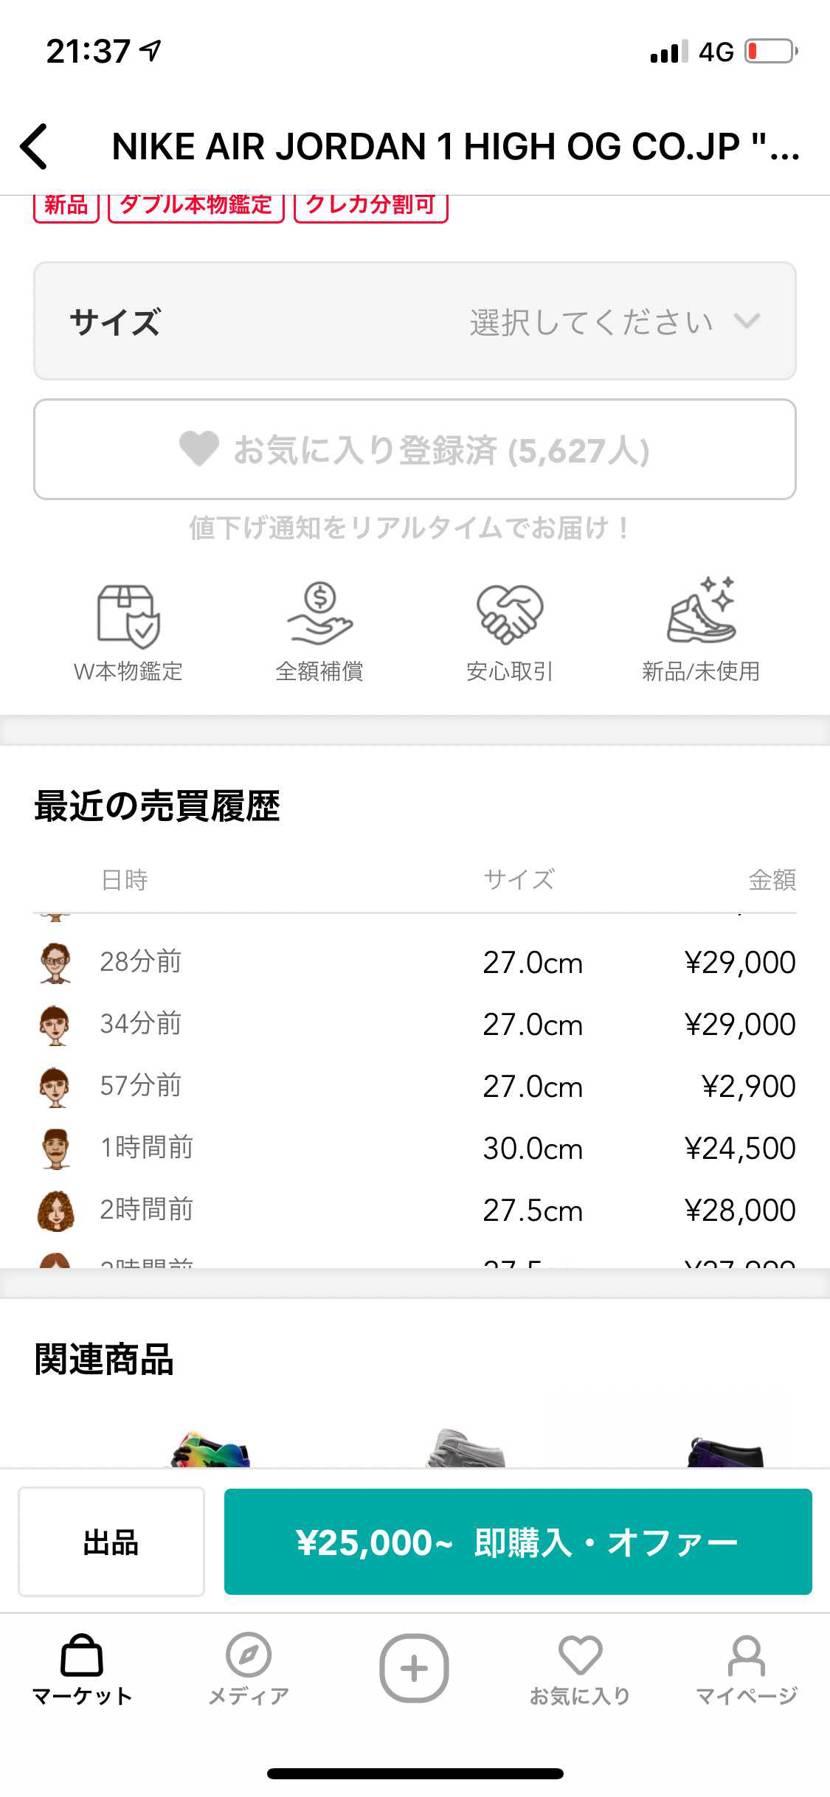 2900円つよ😑